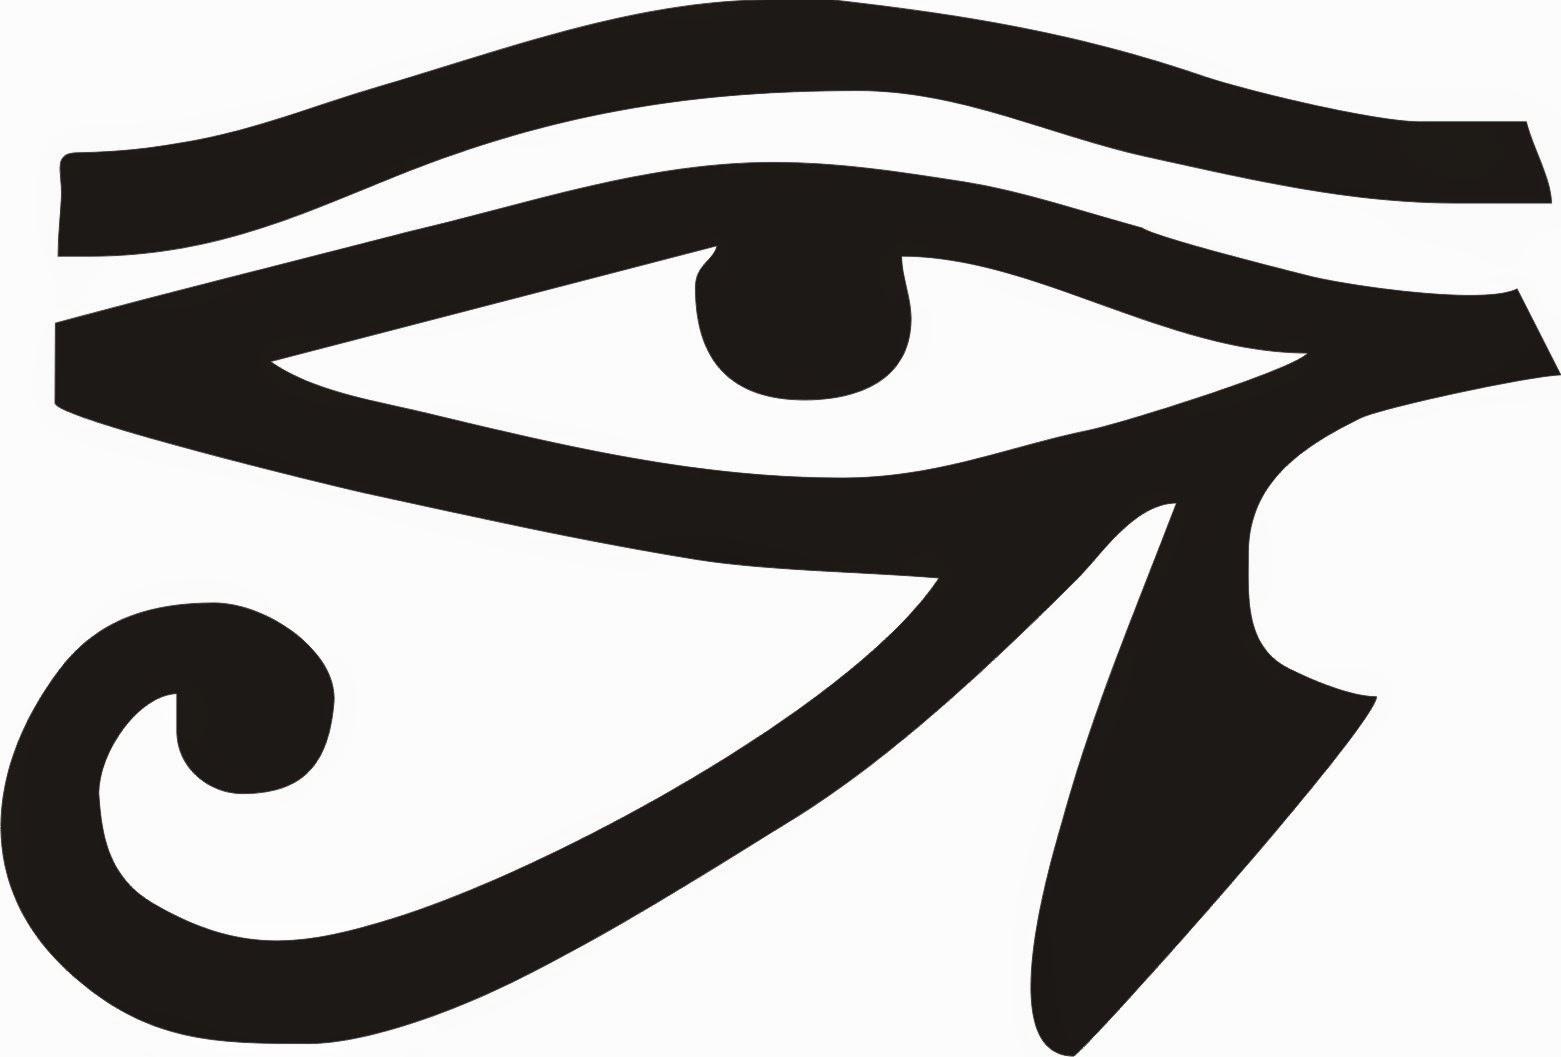 eye of ra eye of horus